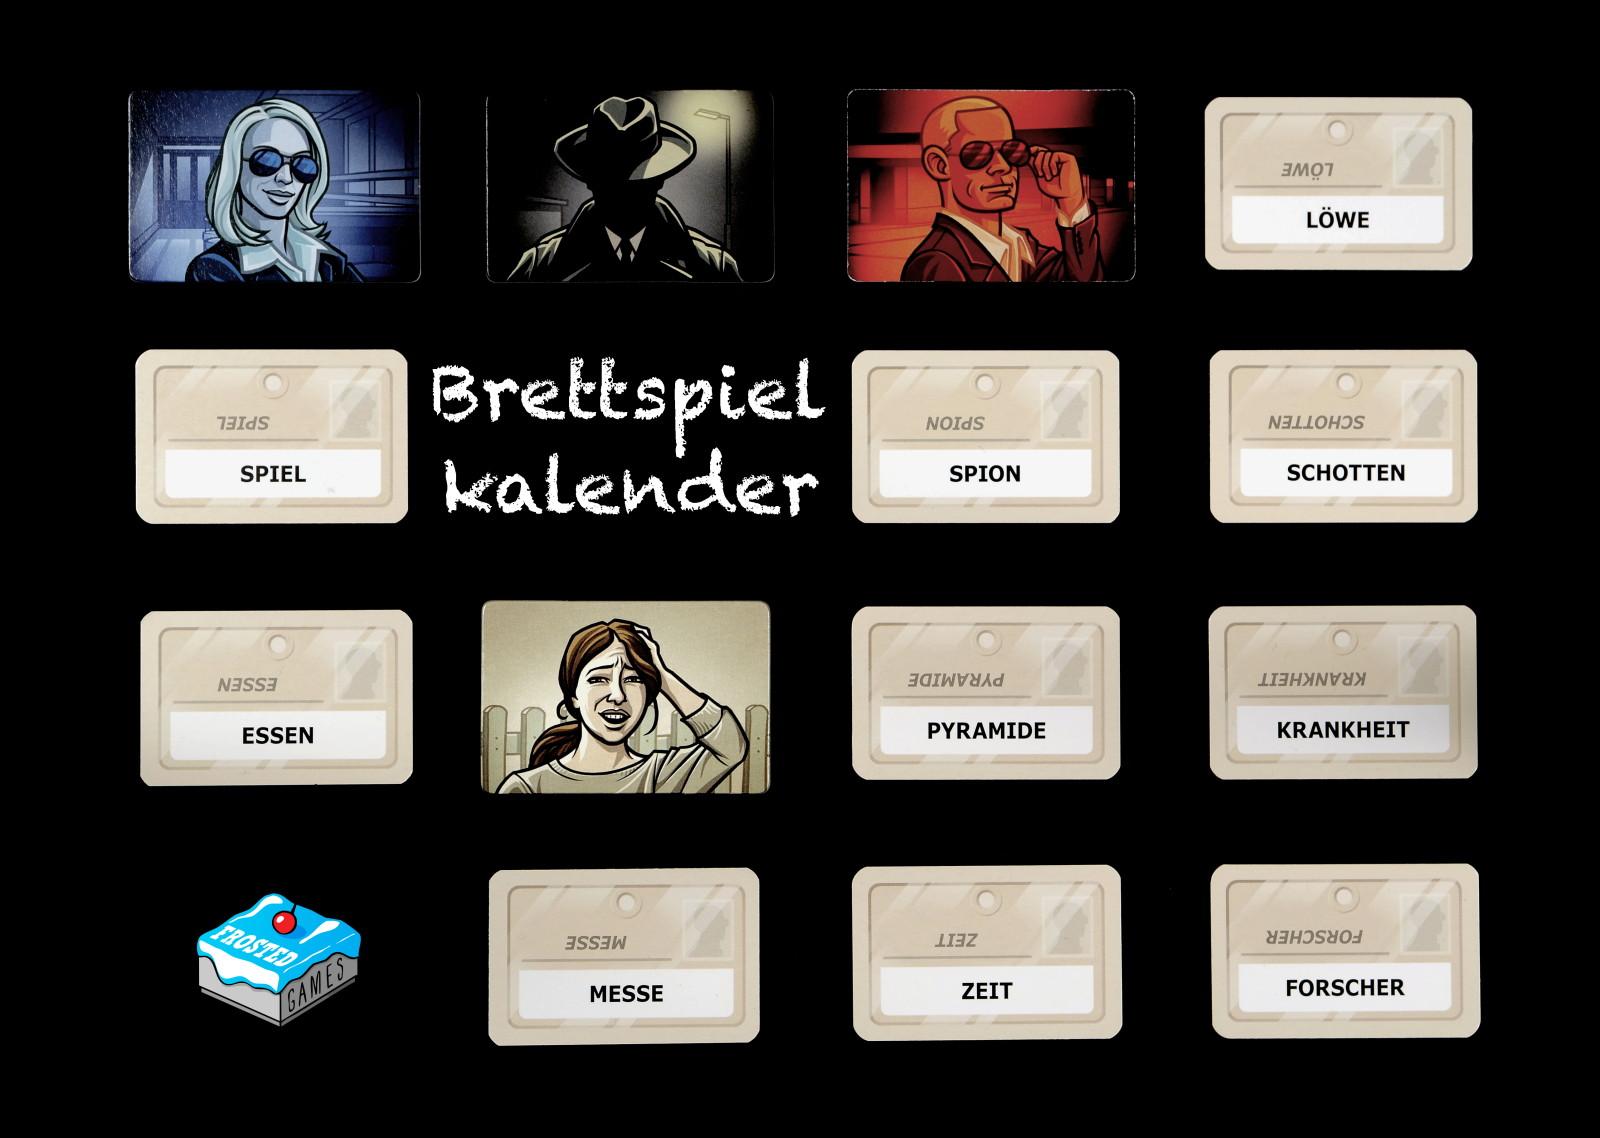 Brettspiel-Wandkalender 2017